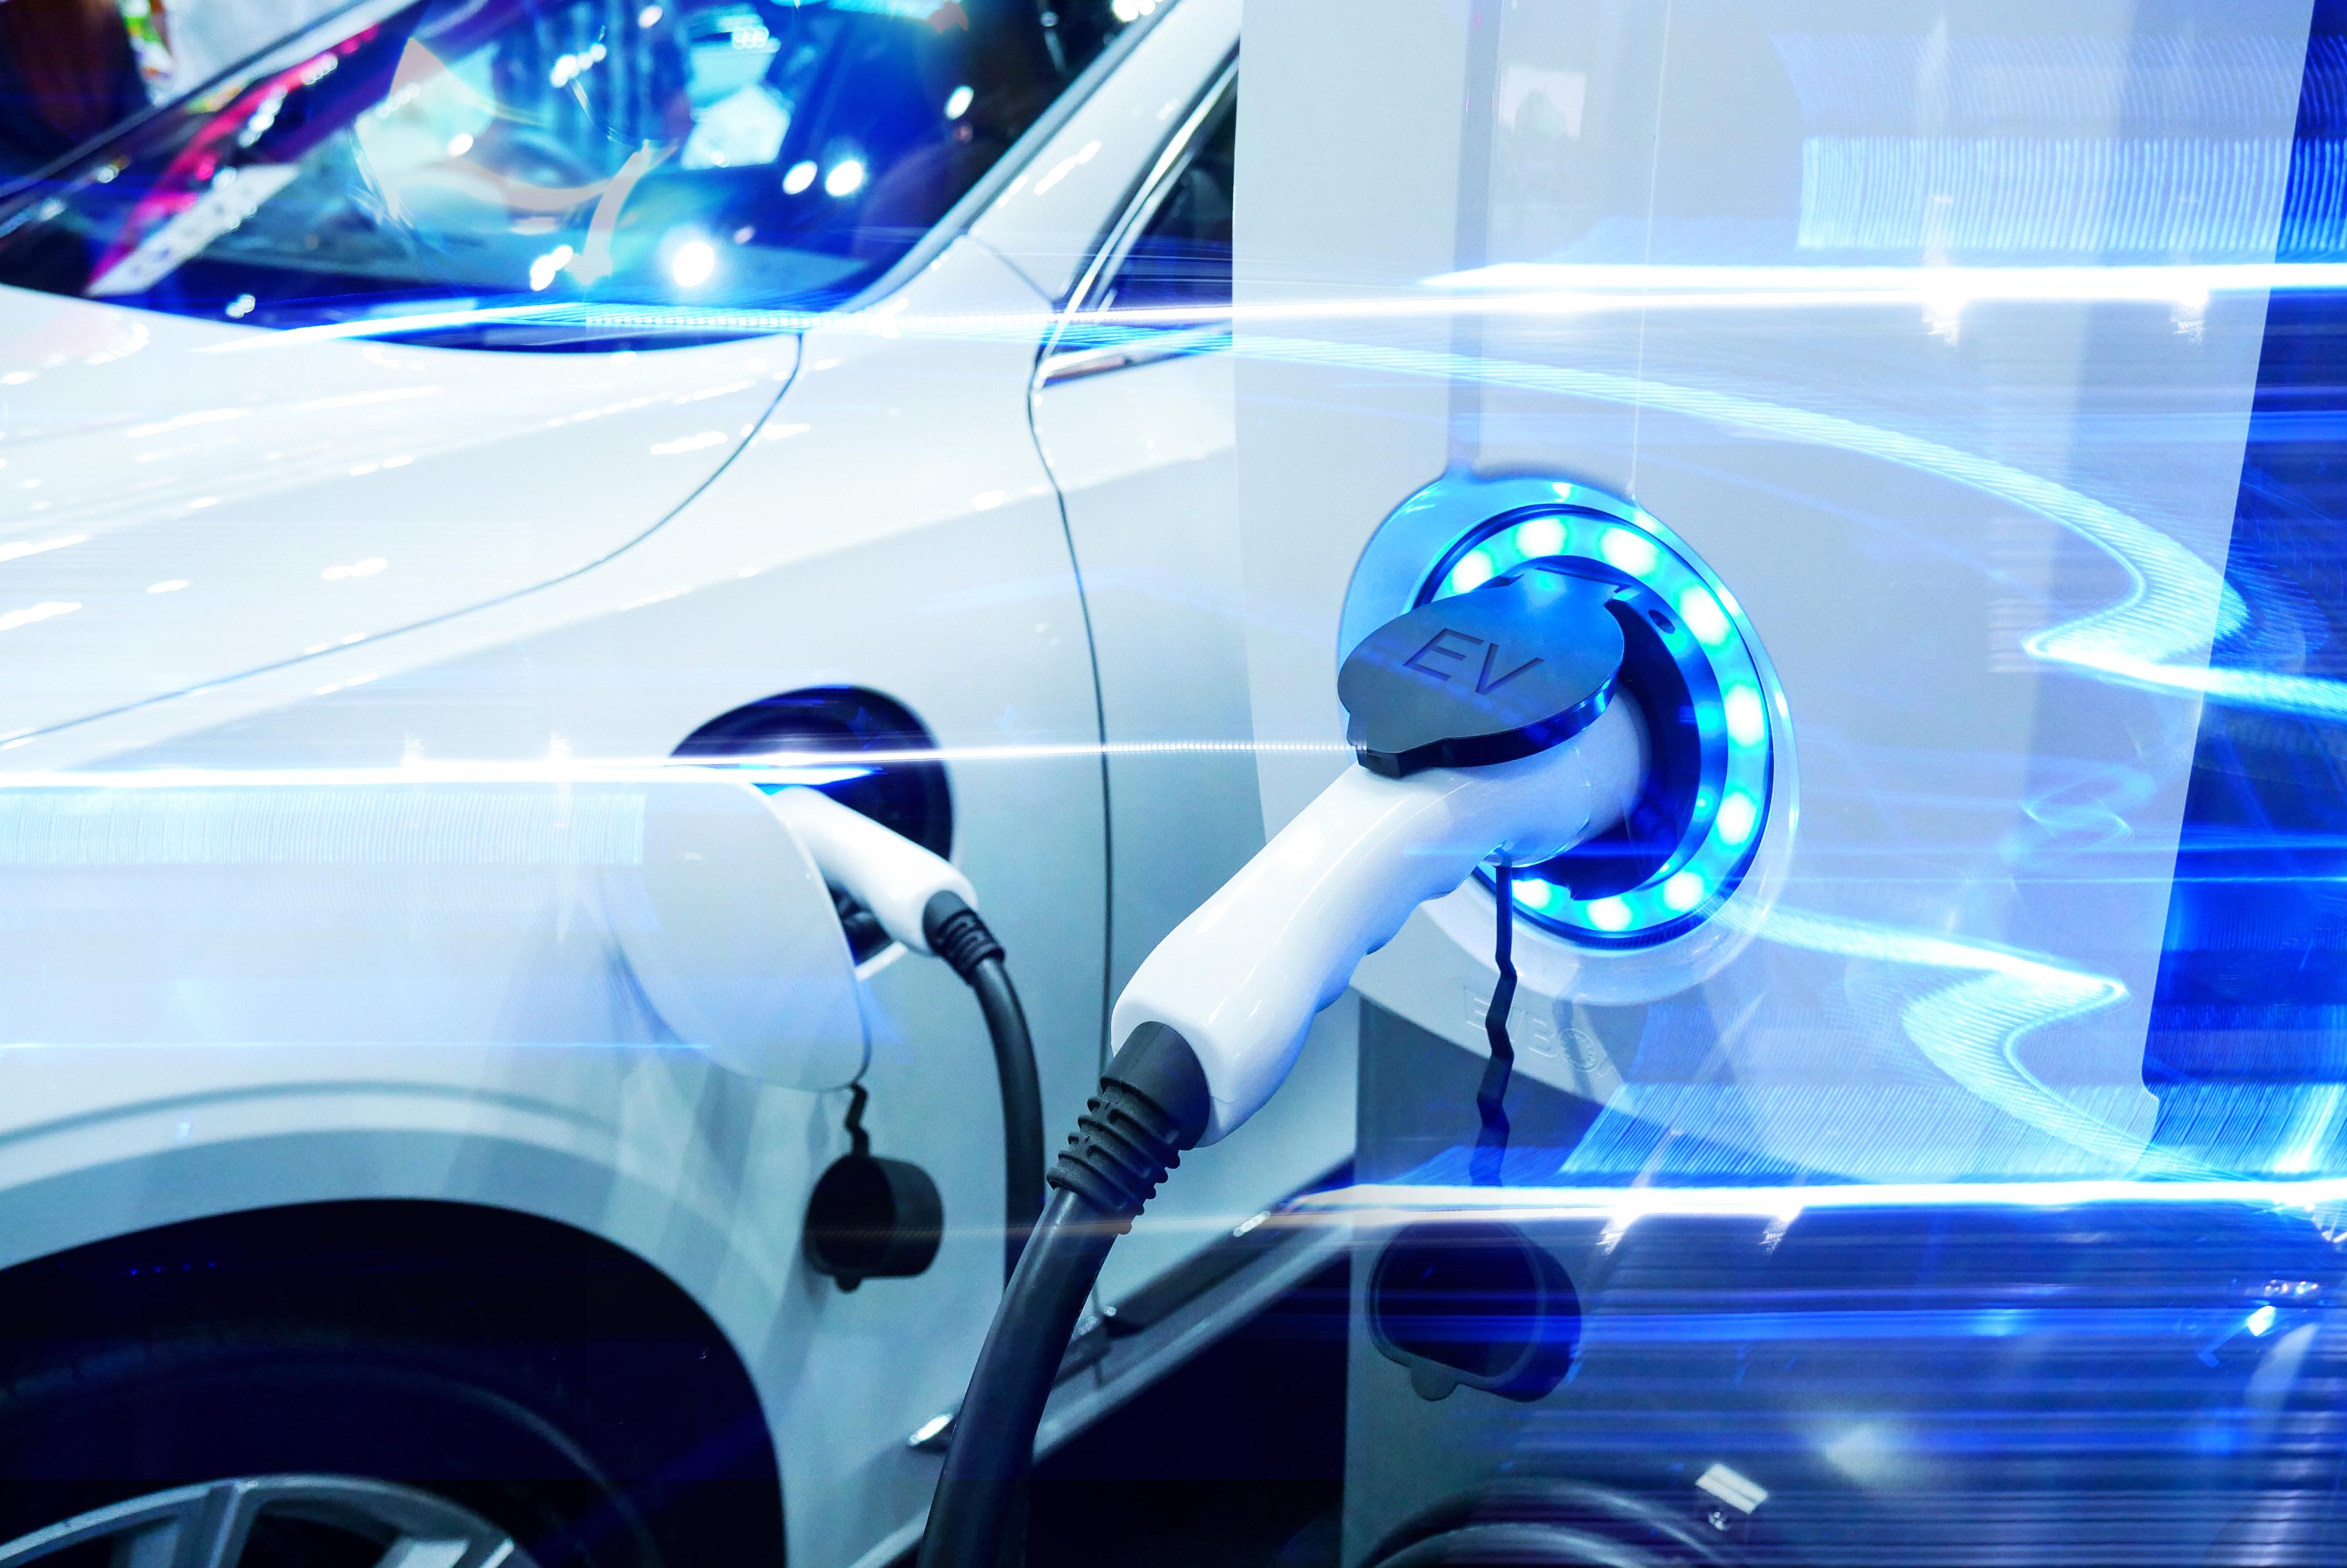 Elektrische Auto Kopen Met 4 Bijtelling In 2018